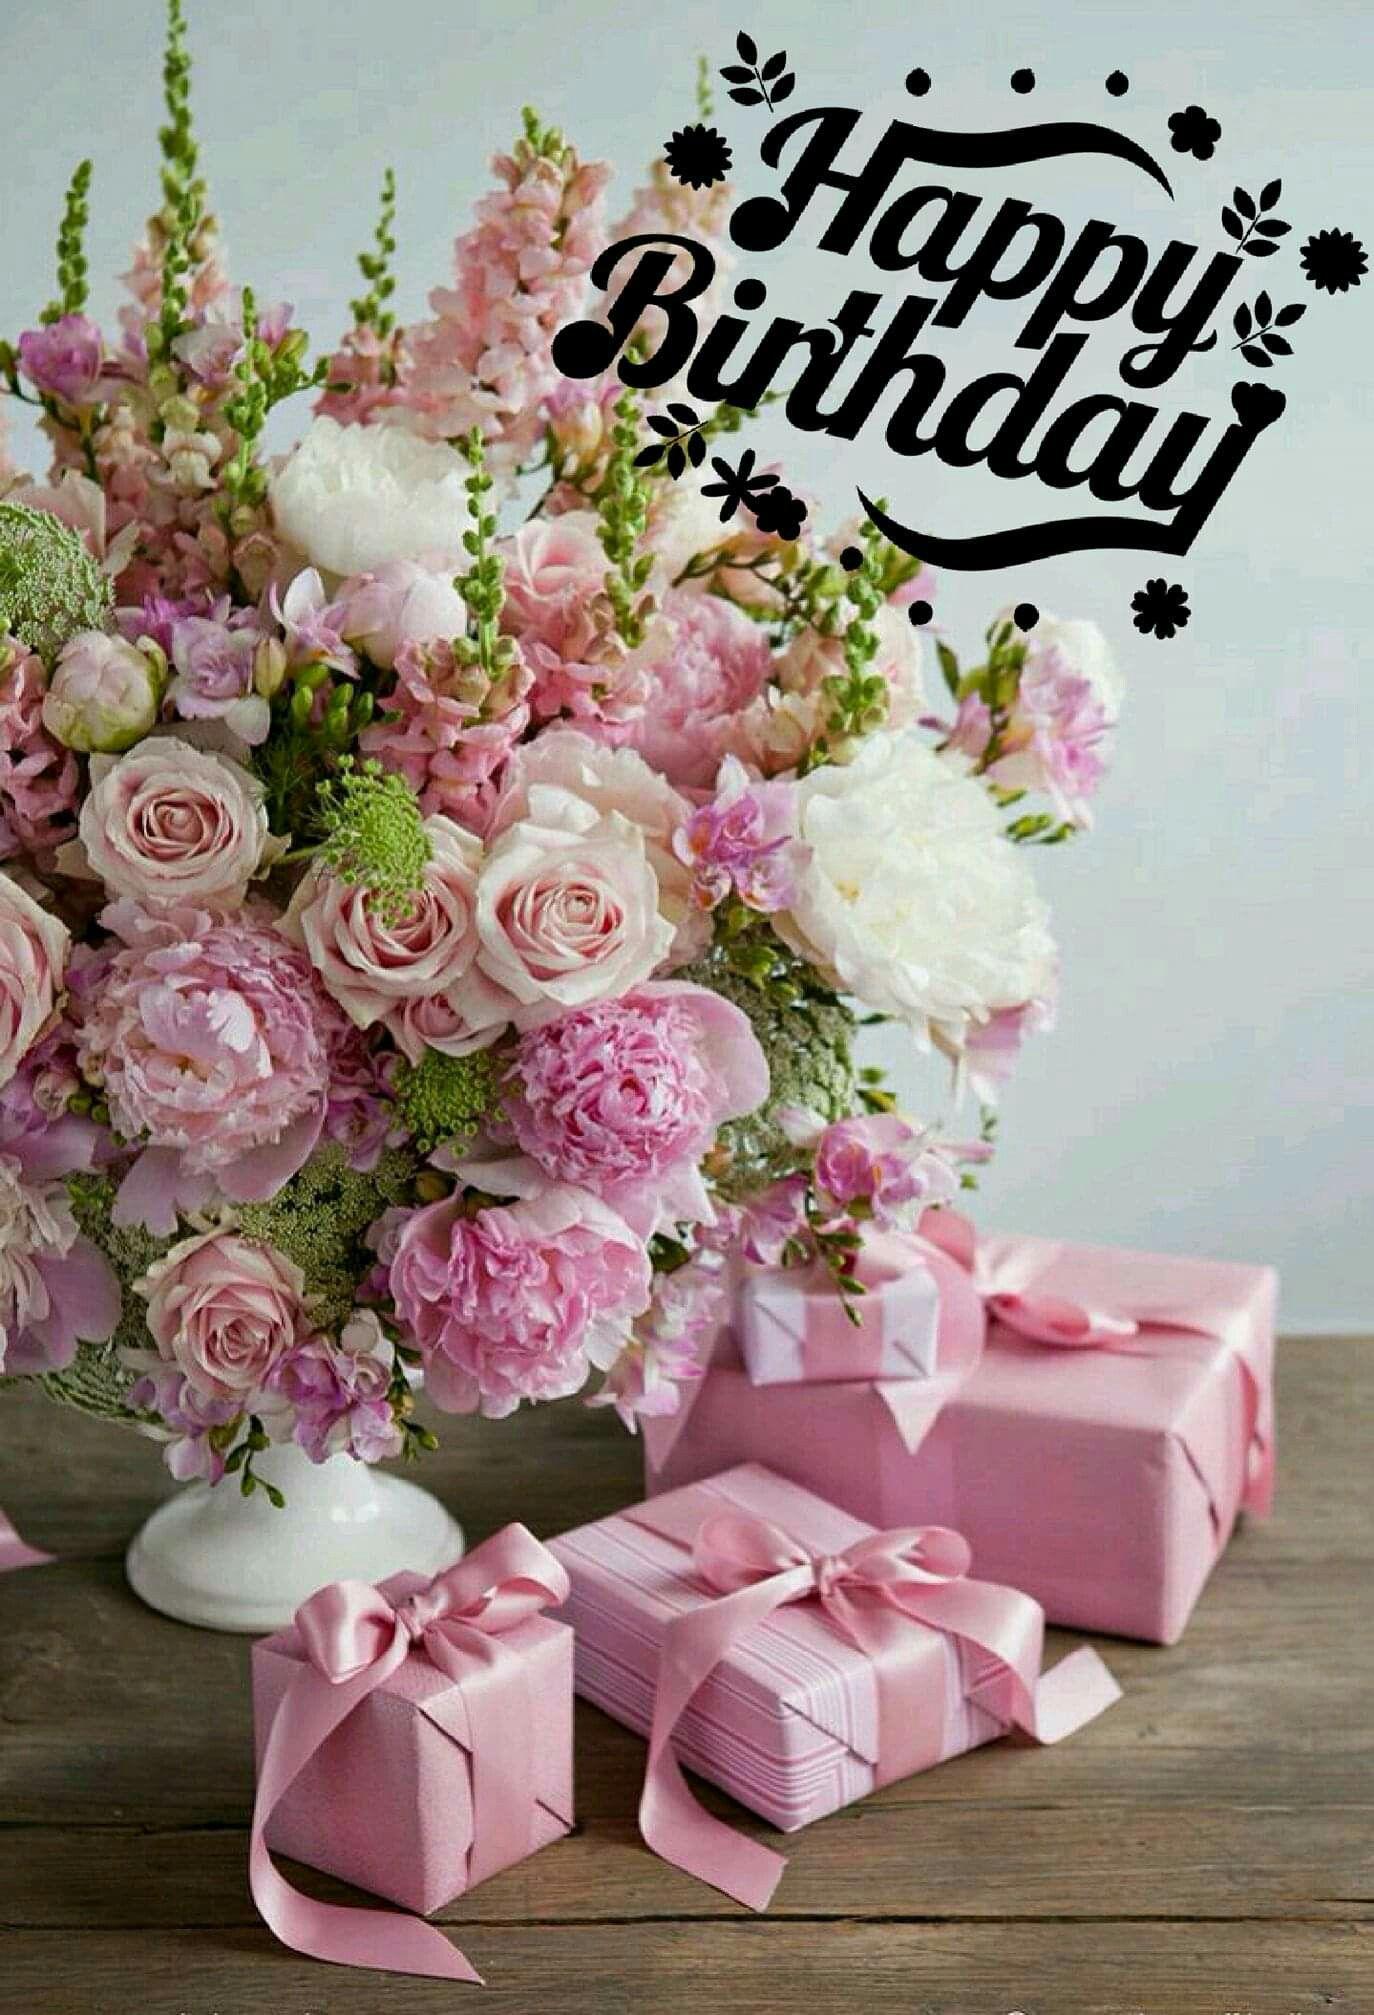 Конверты скрапбукинг, открытки с днем рождения цветы фото